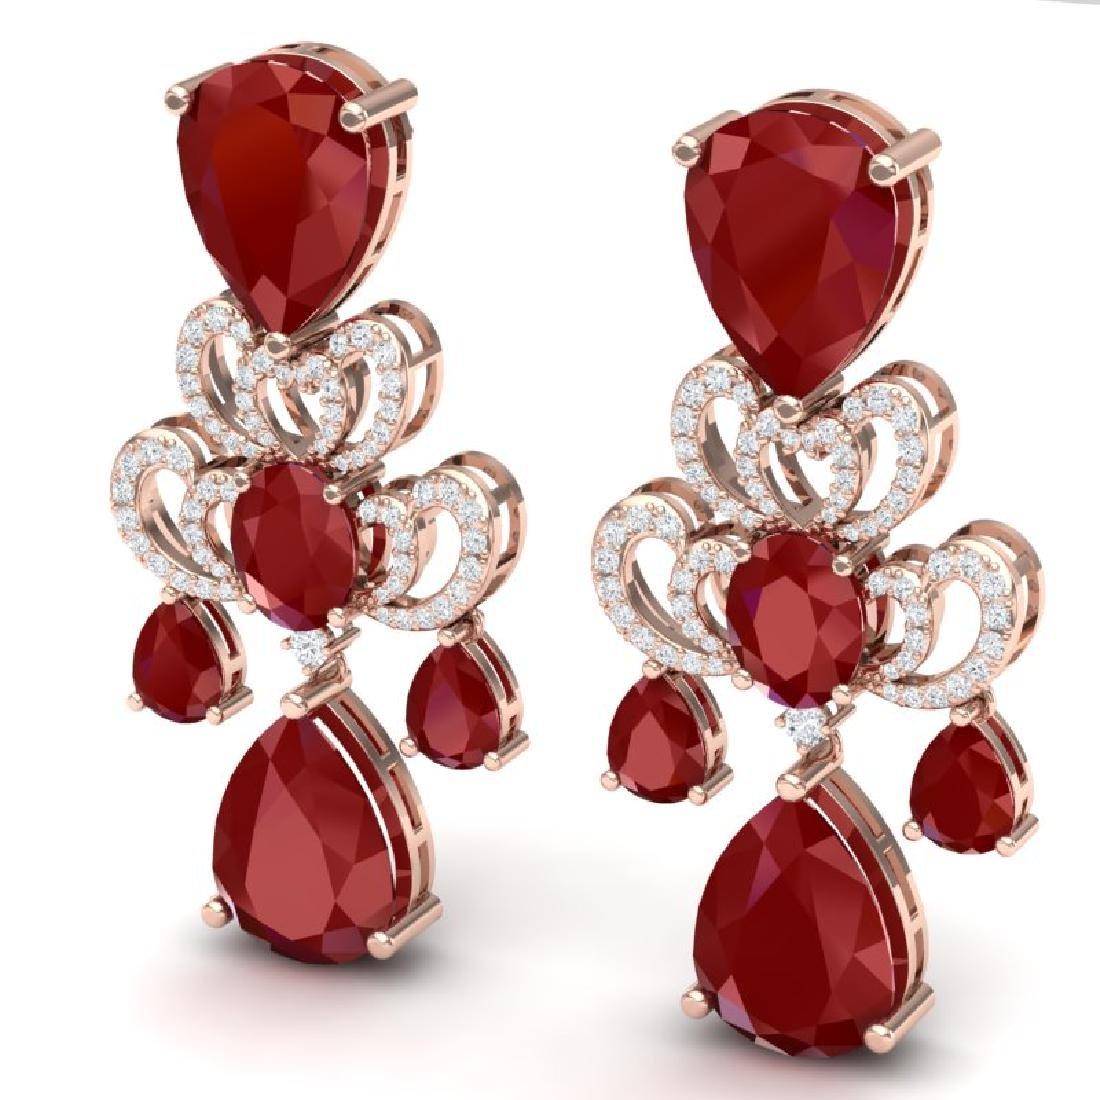 58.73 CTW Royalty Designer Ruby & VS Diamond Earrings - 2